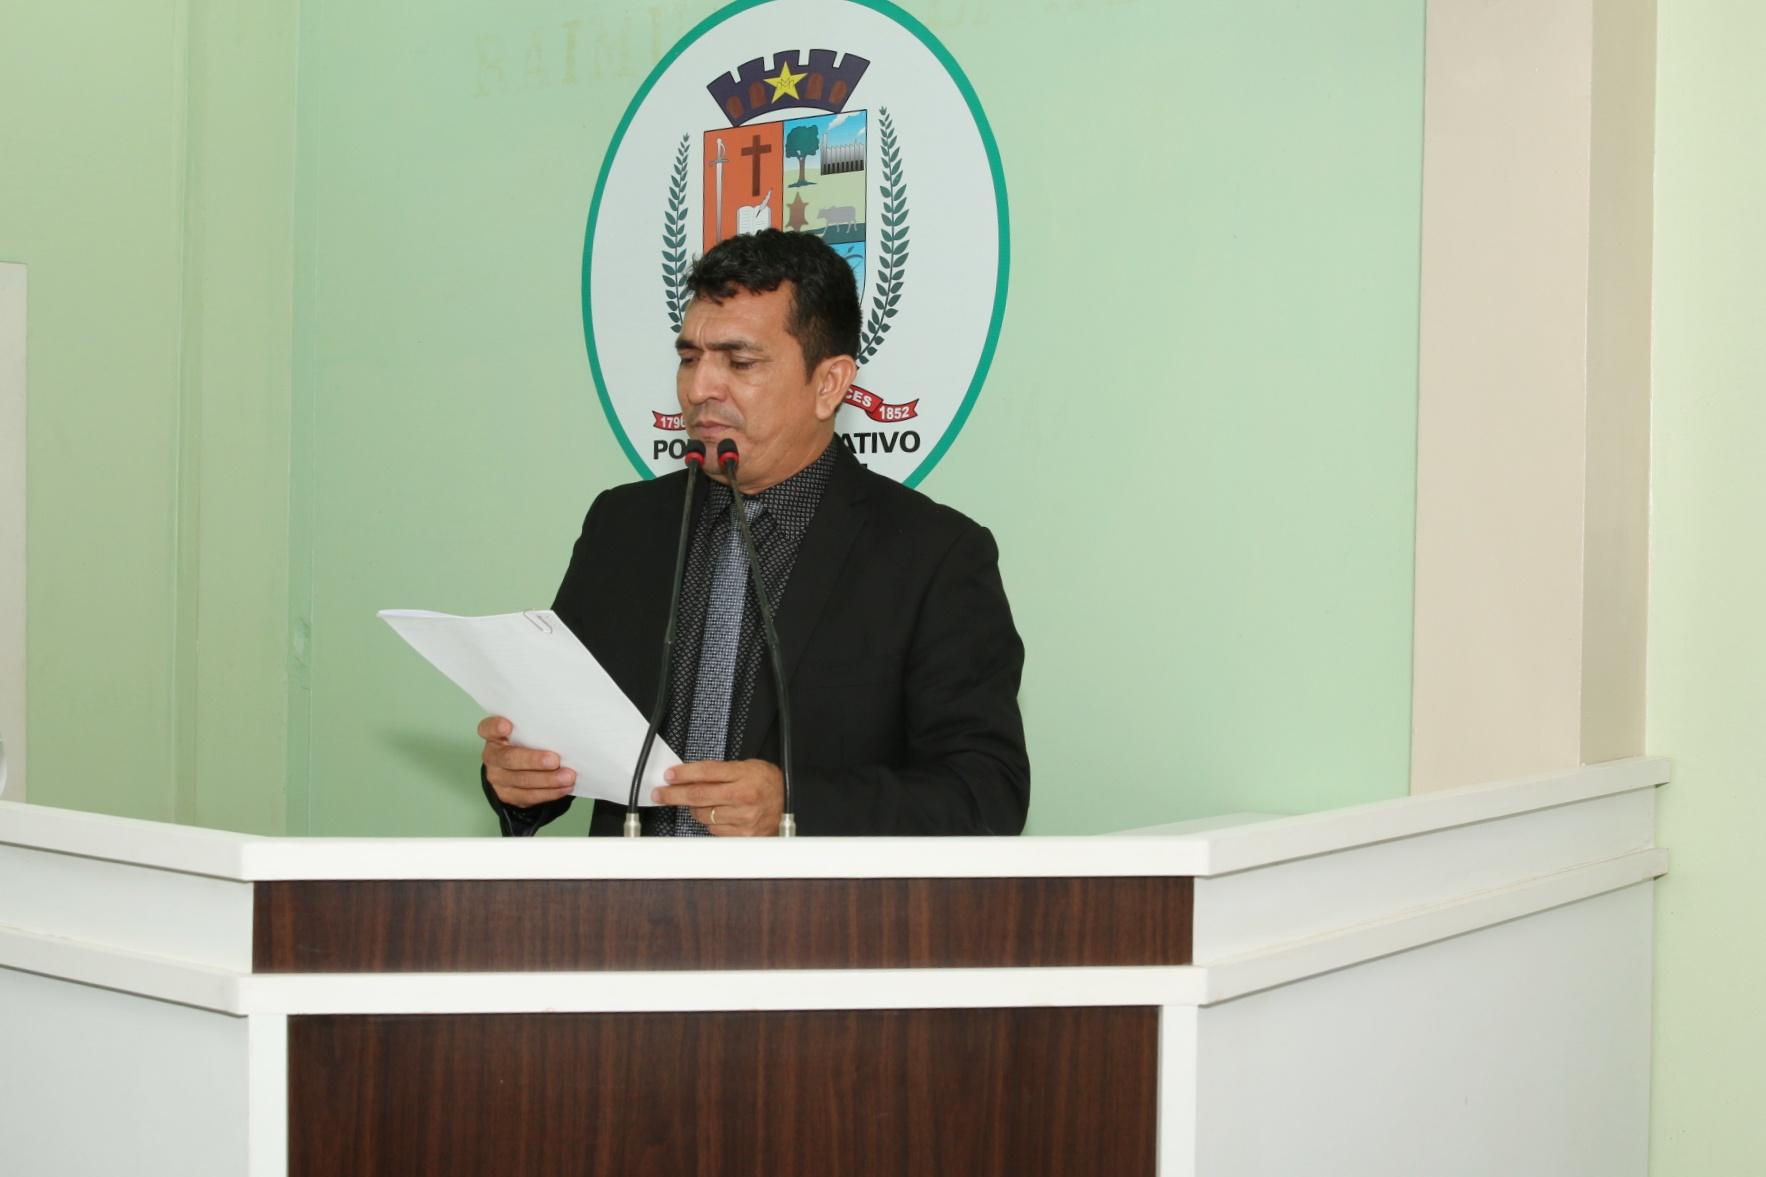 Beto Farias solicita Audiência Pública para exposição do relatório orçamentário e financeiro do primeiro quadrimestre de 2019 da Prefeitura e Ambulancha para região da Valéria